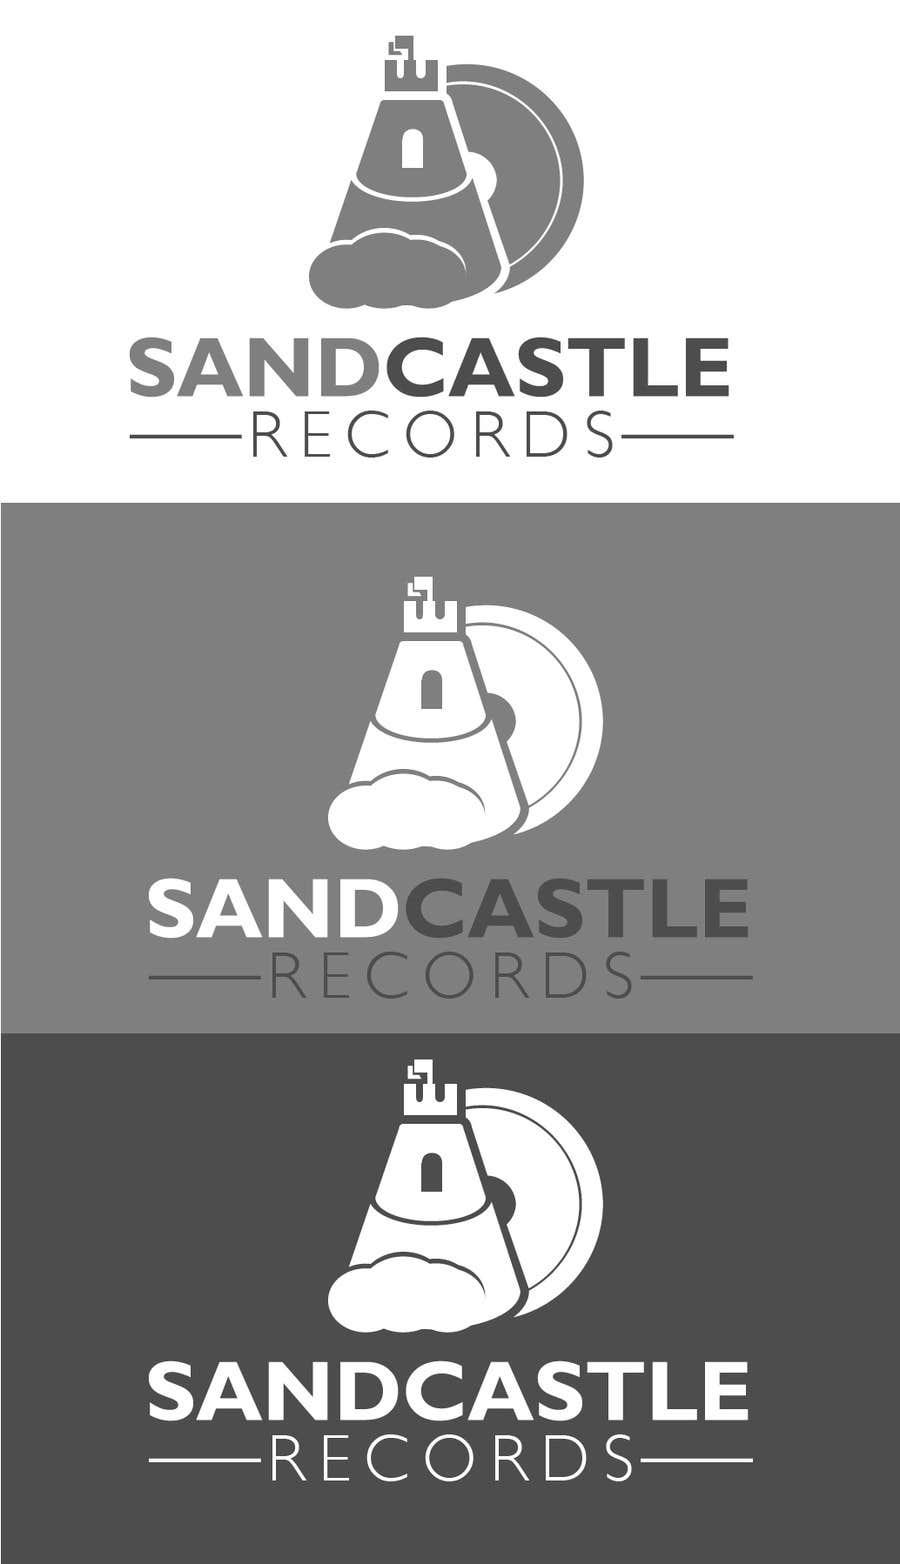 Inscrição nº                                         70                                      do Concurso para                                         Sandcastle Records